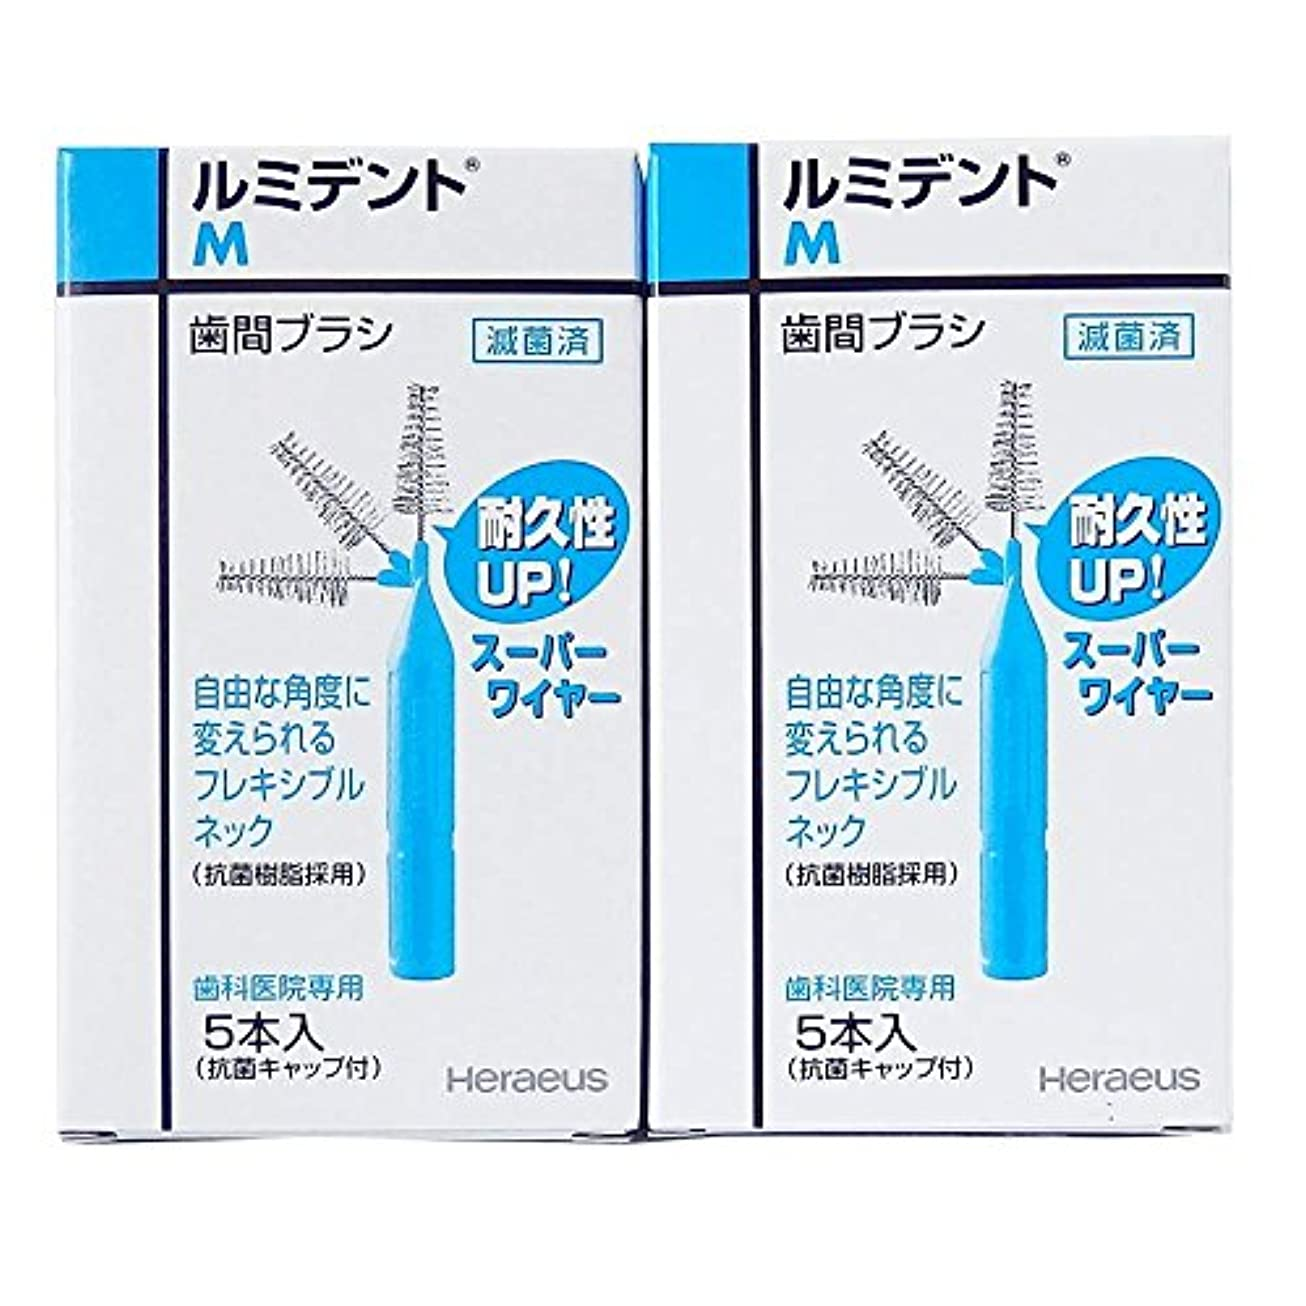 戦い絶滅前投薬ヘレウス ルミデント歯間ブラシ 5本入×2個 (M)歯科医院専用